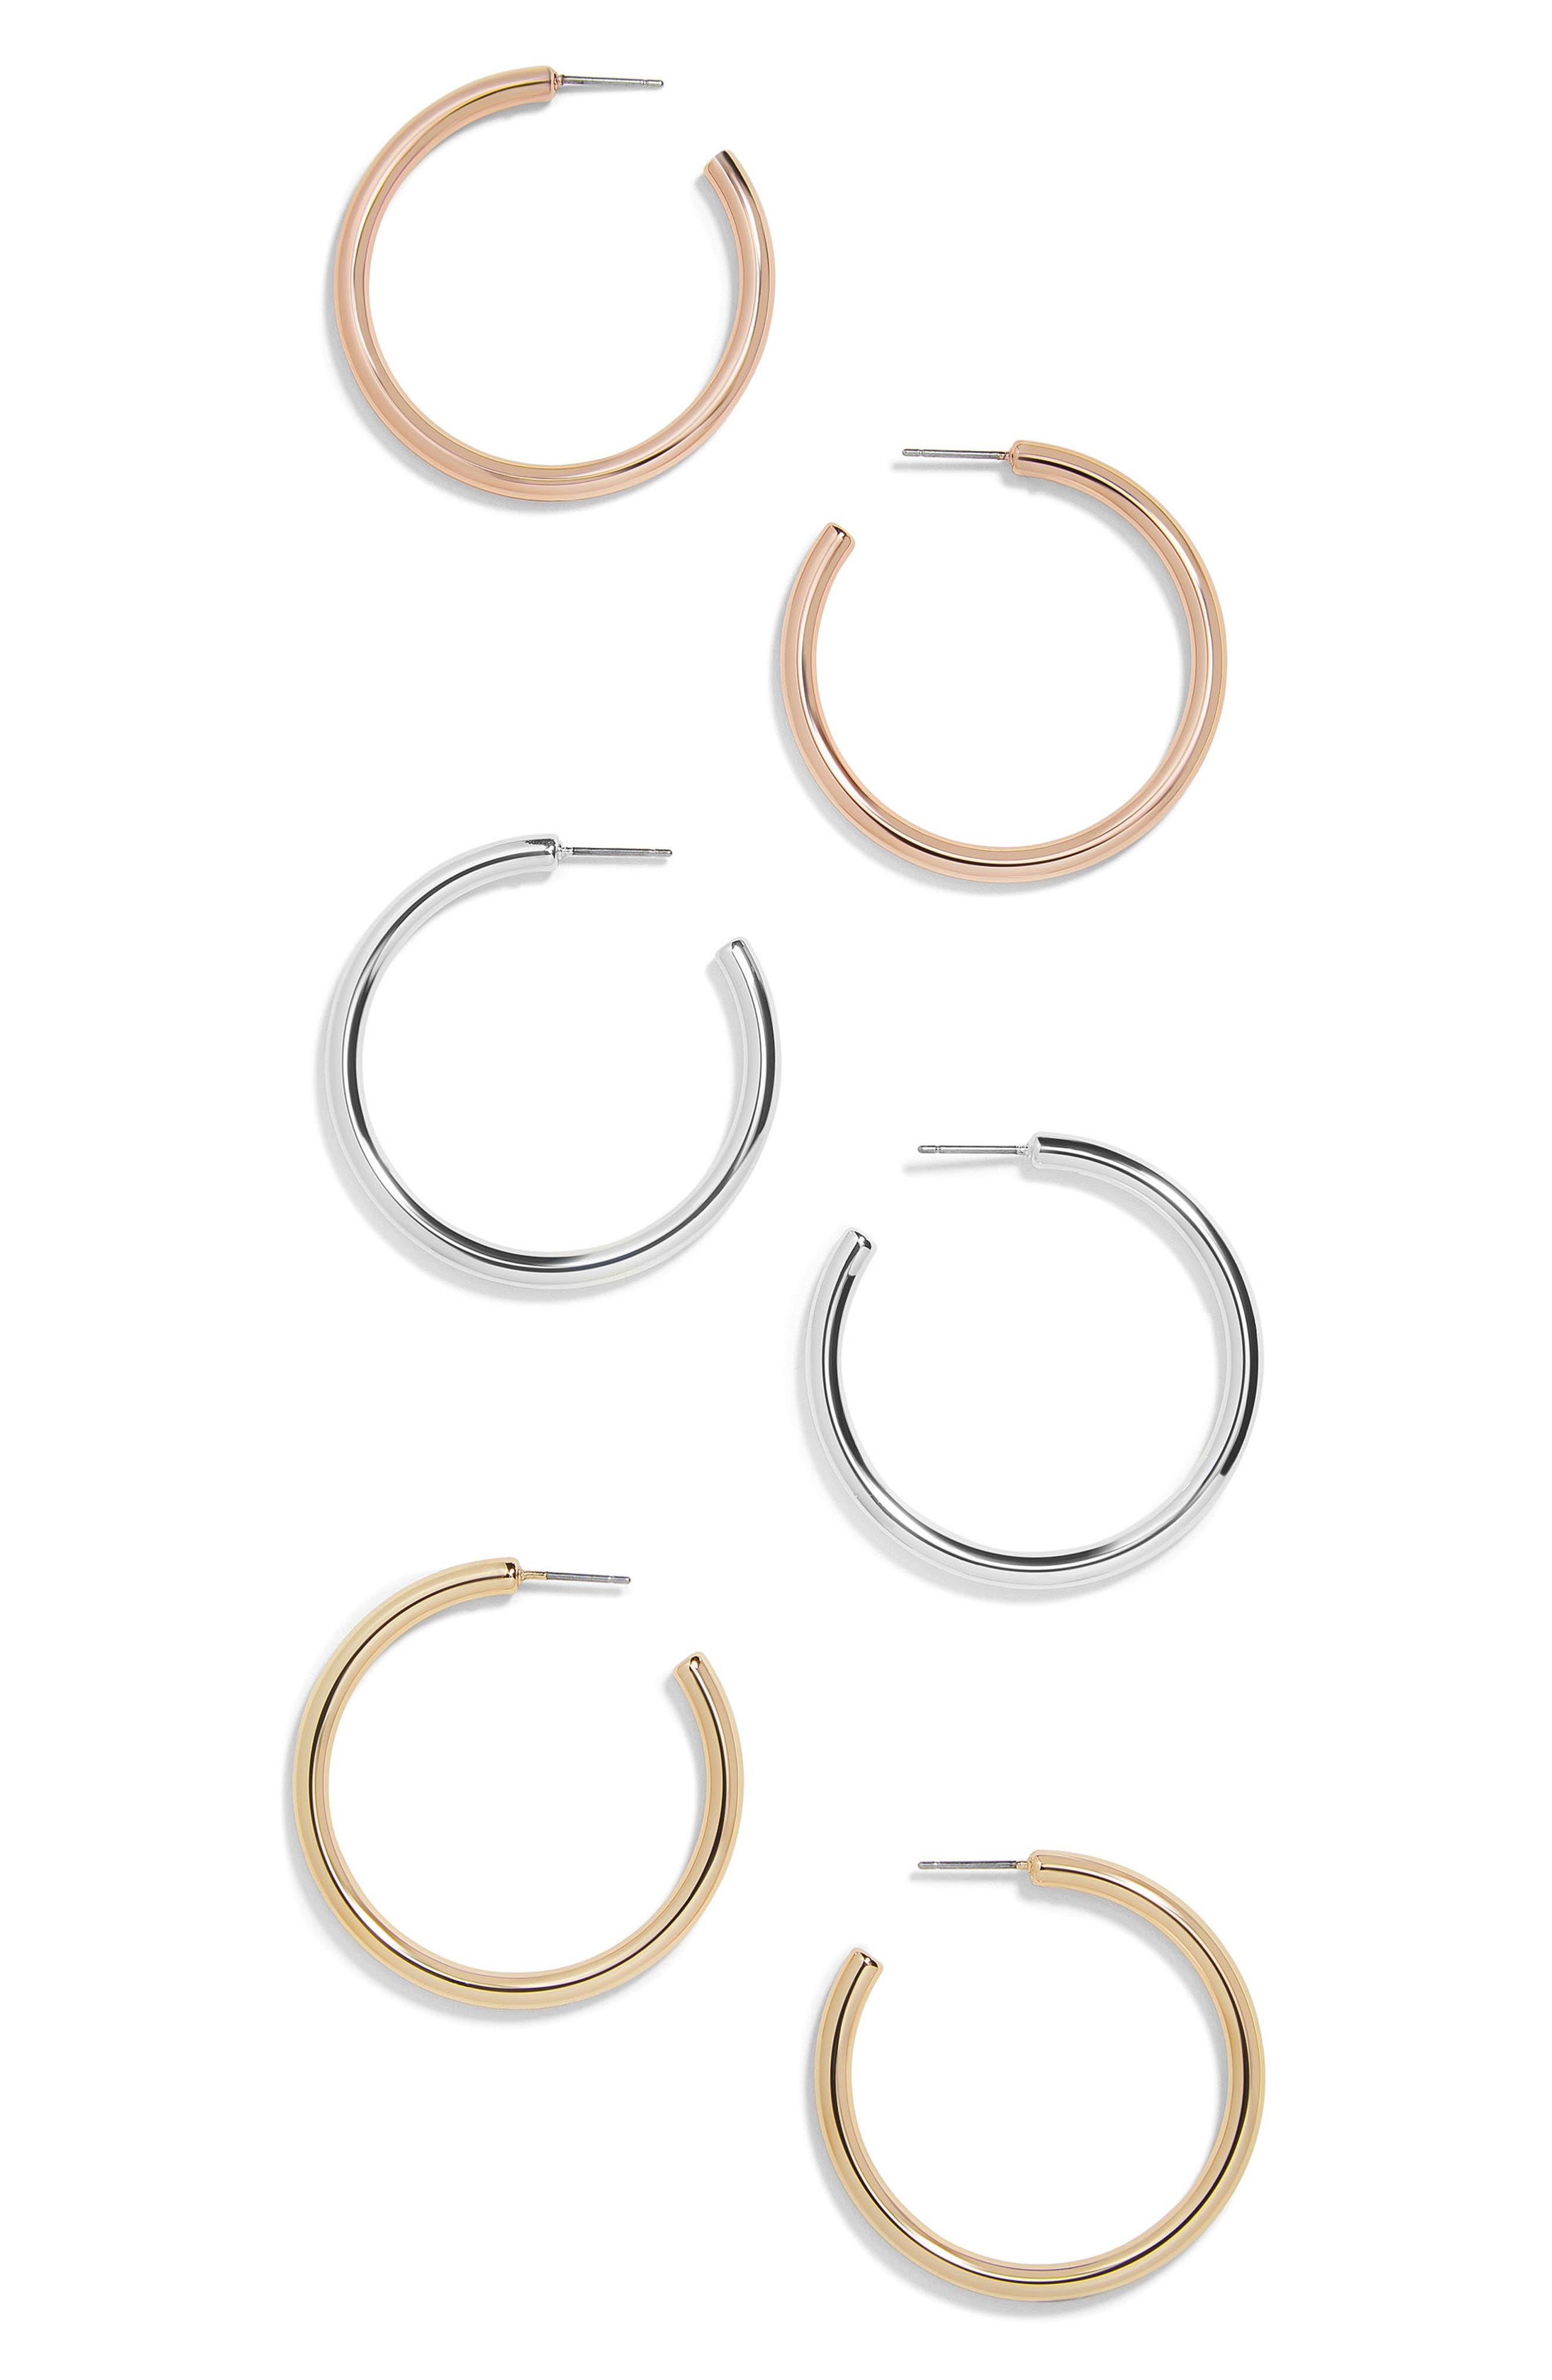 Jordan Set of 3 Hoop Earrings,                         Main,                         color, Multi